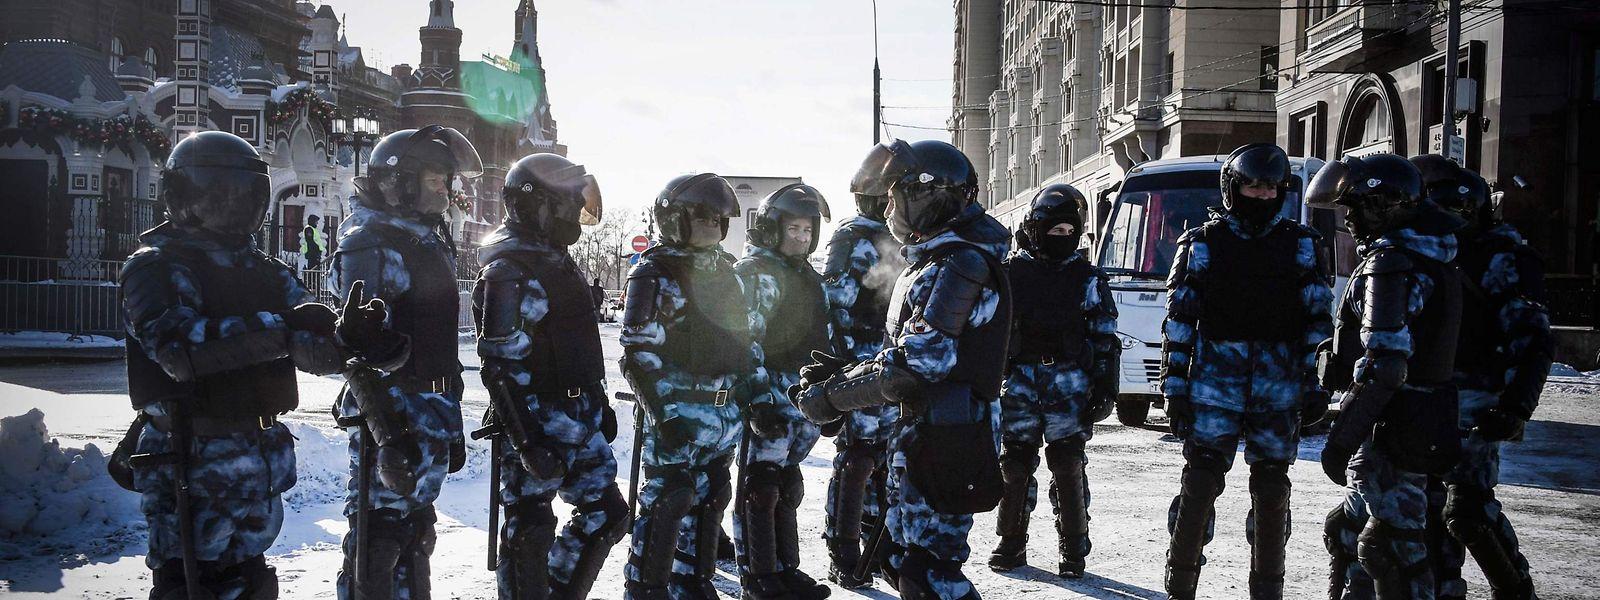 Russische Sicherheitskräfte patrouillierten am Sonntag in Moskau, um Demonstrationen für den inhaftierten Oppositionspolitiker Alexej Nawalny in Schach zu halten.